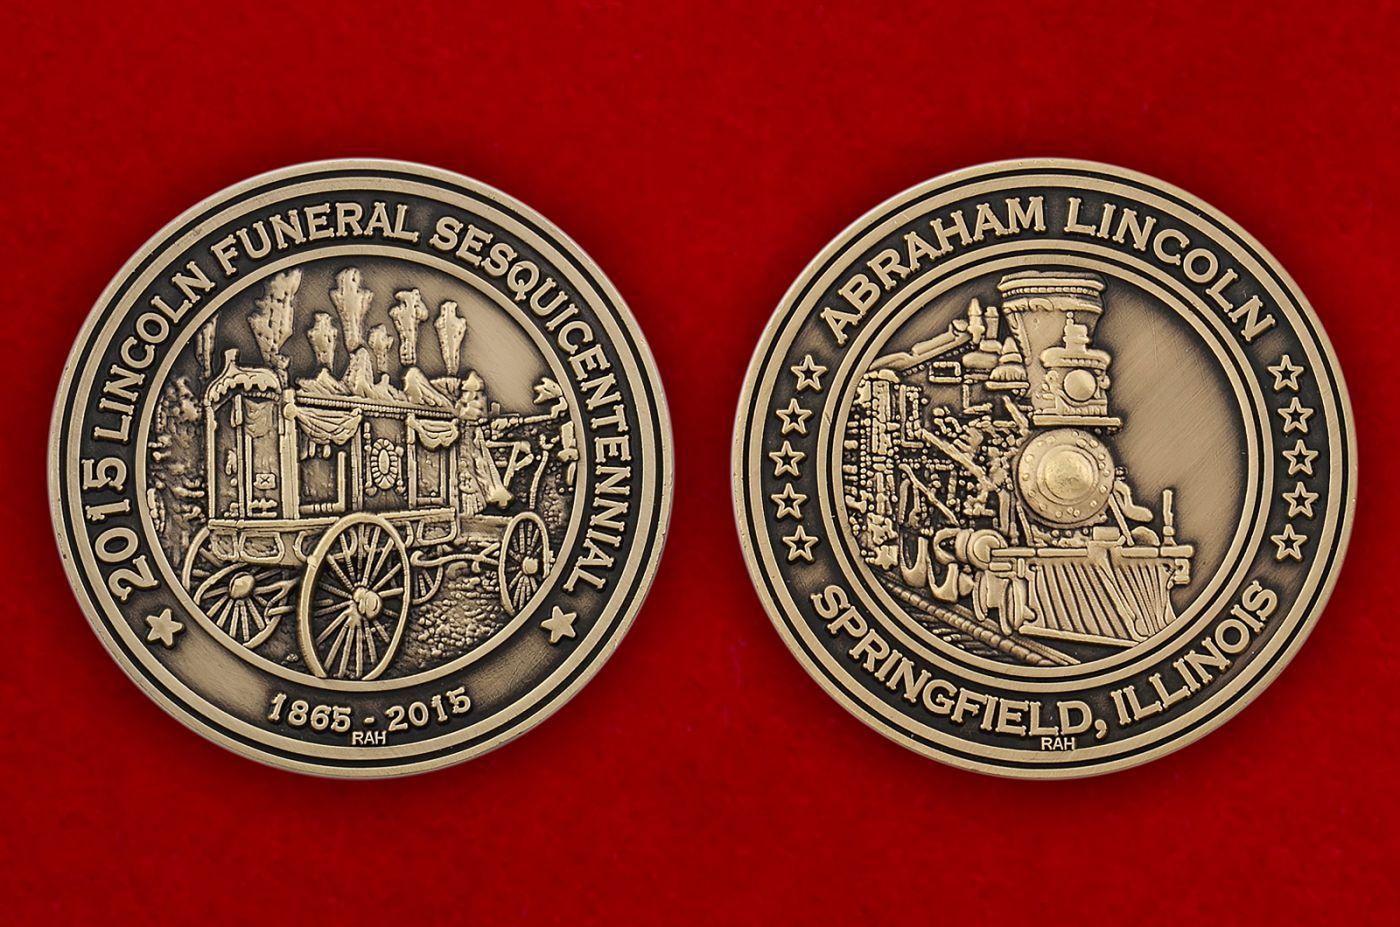 Челлендж коин к 150-летию смерти Авраама Линкольна - аверс и реверс